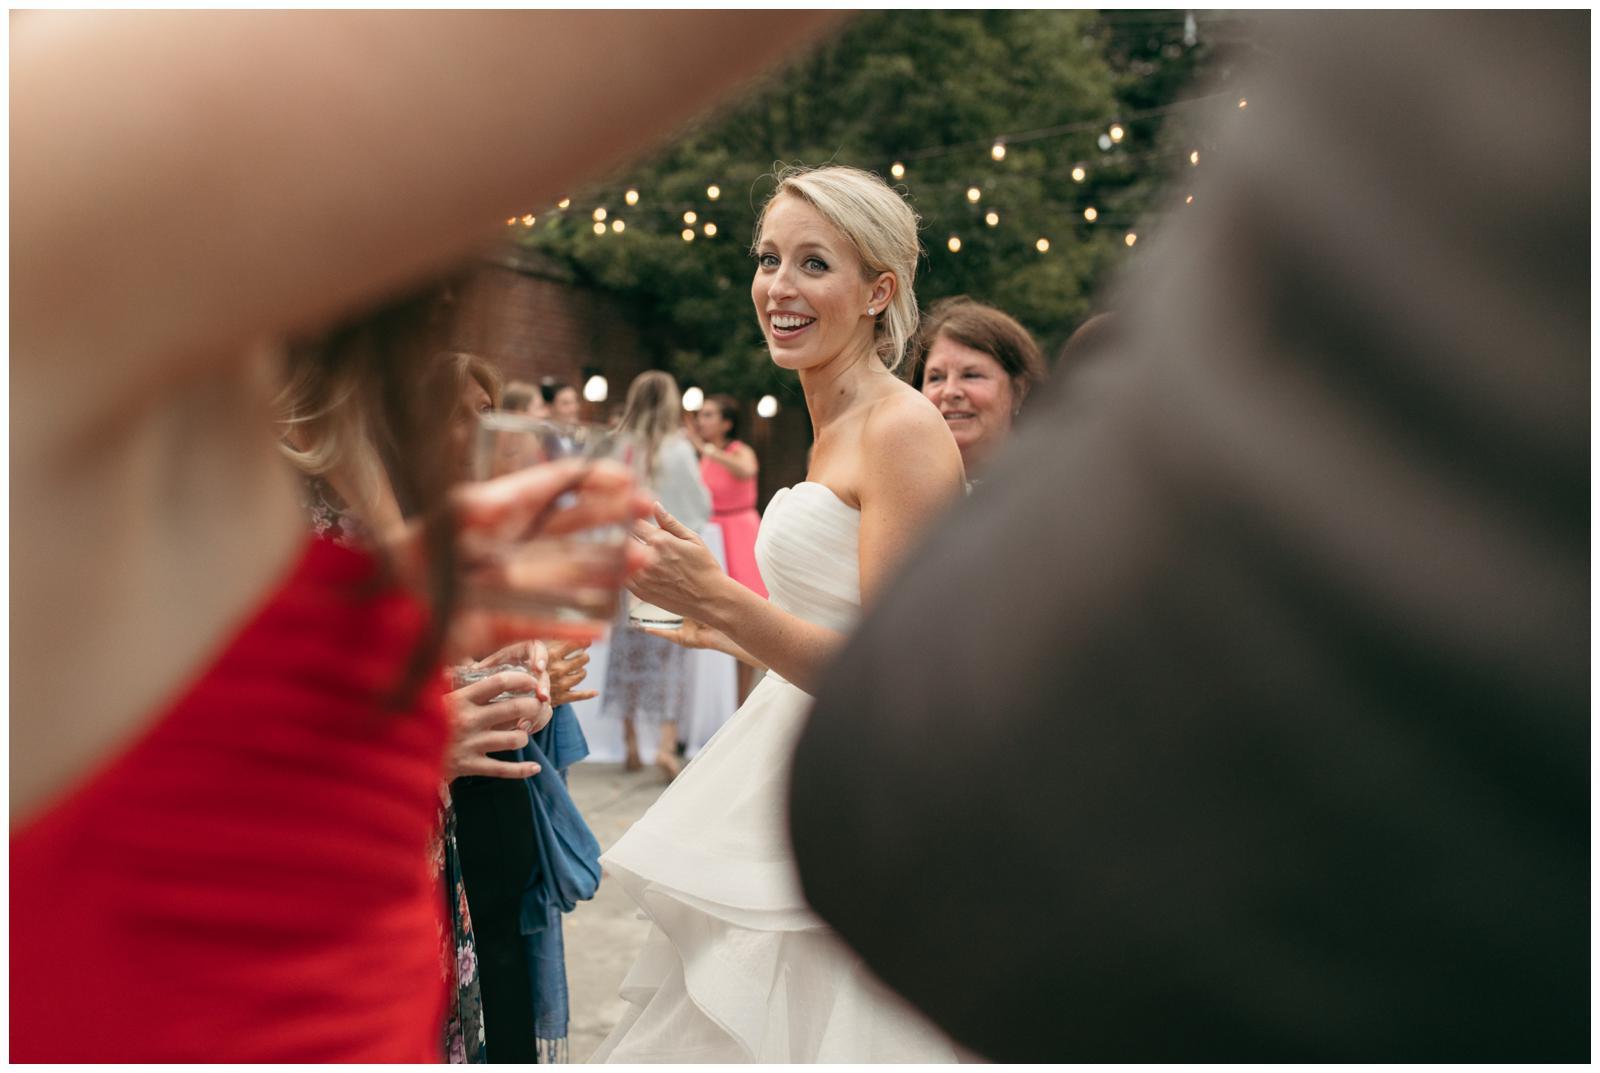 Misselwood at Endicott college wedding